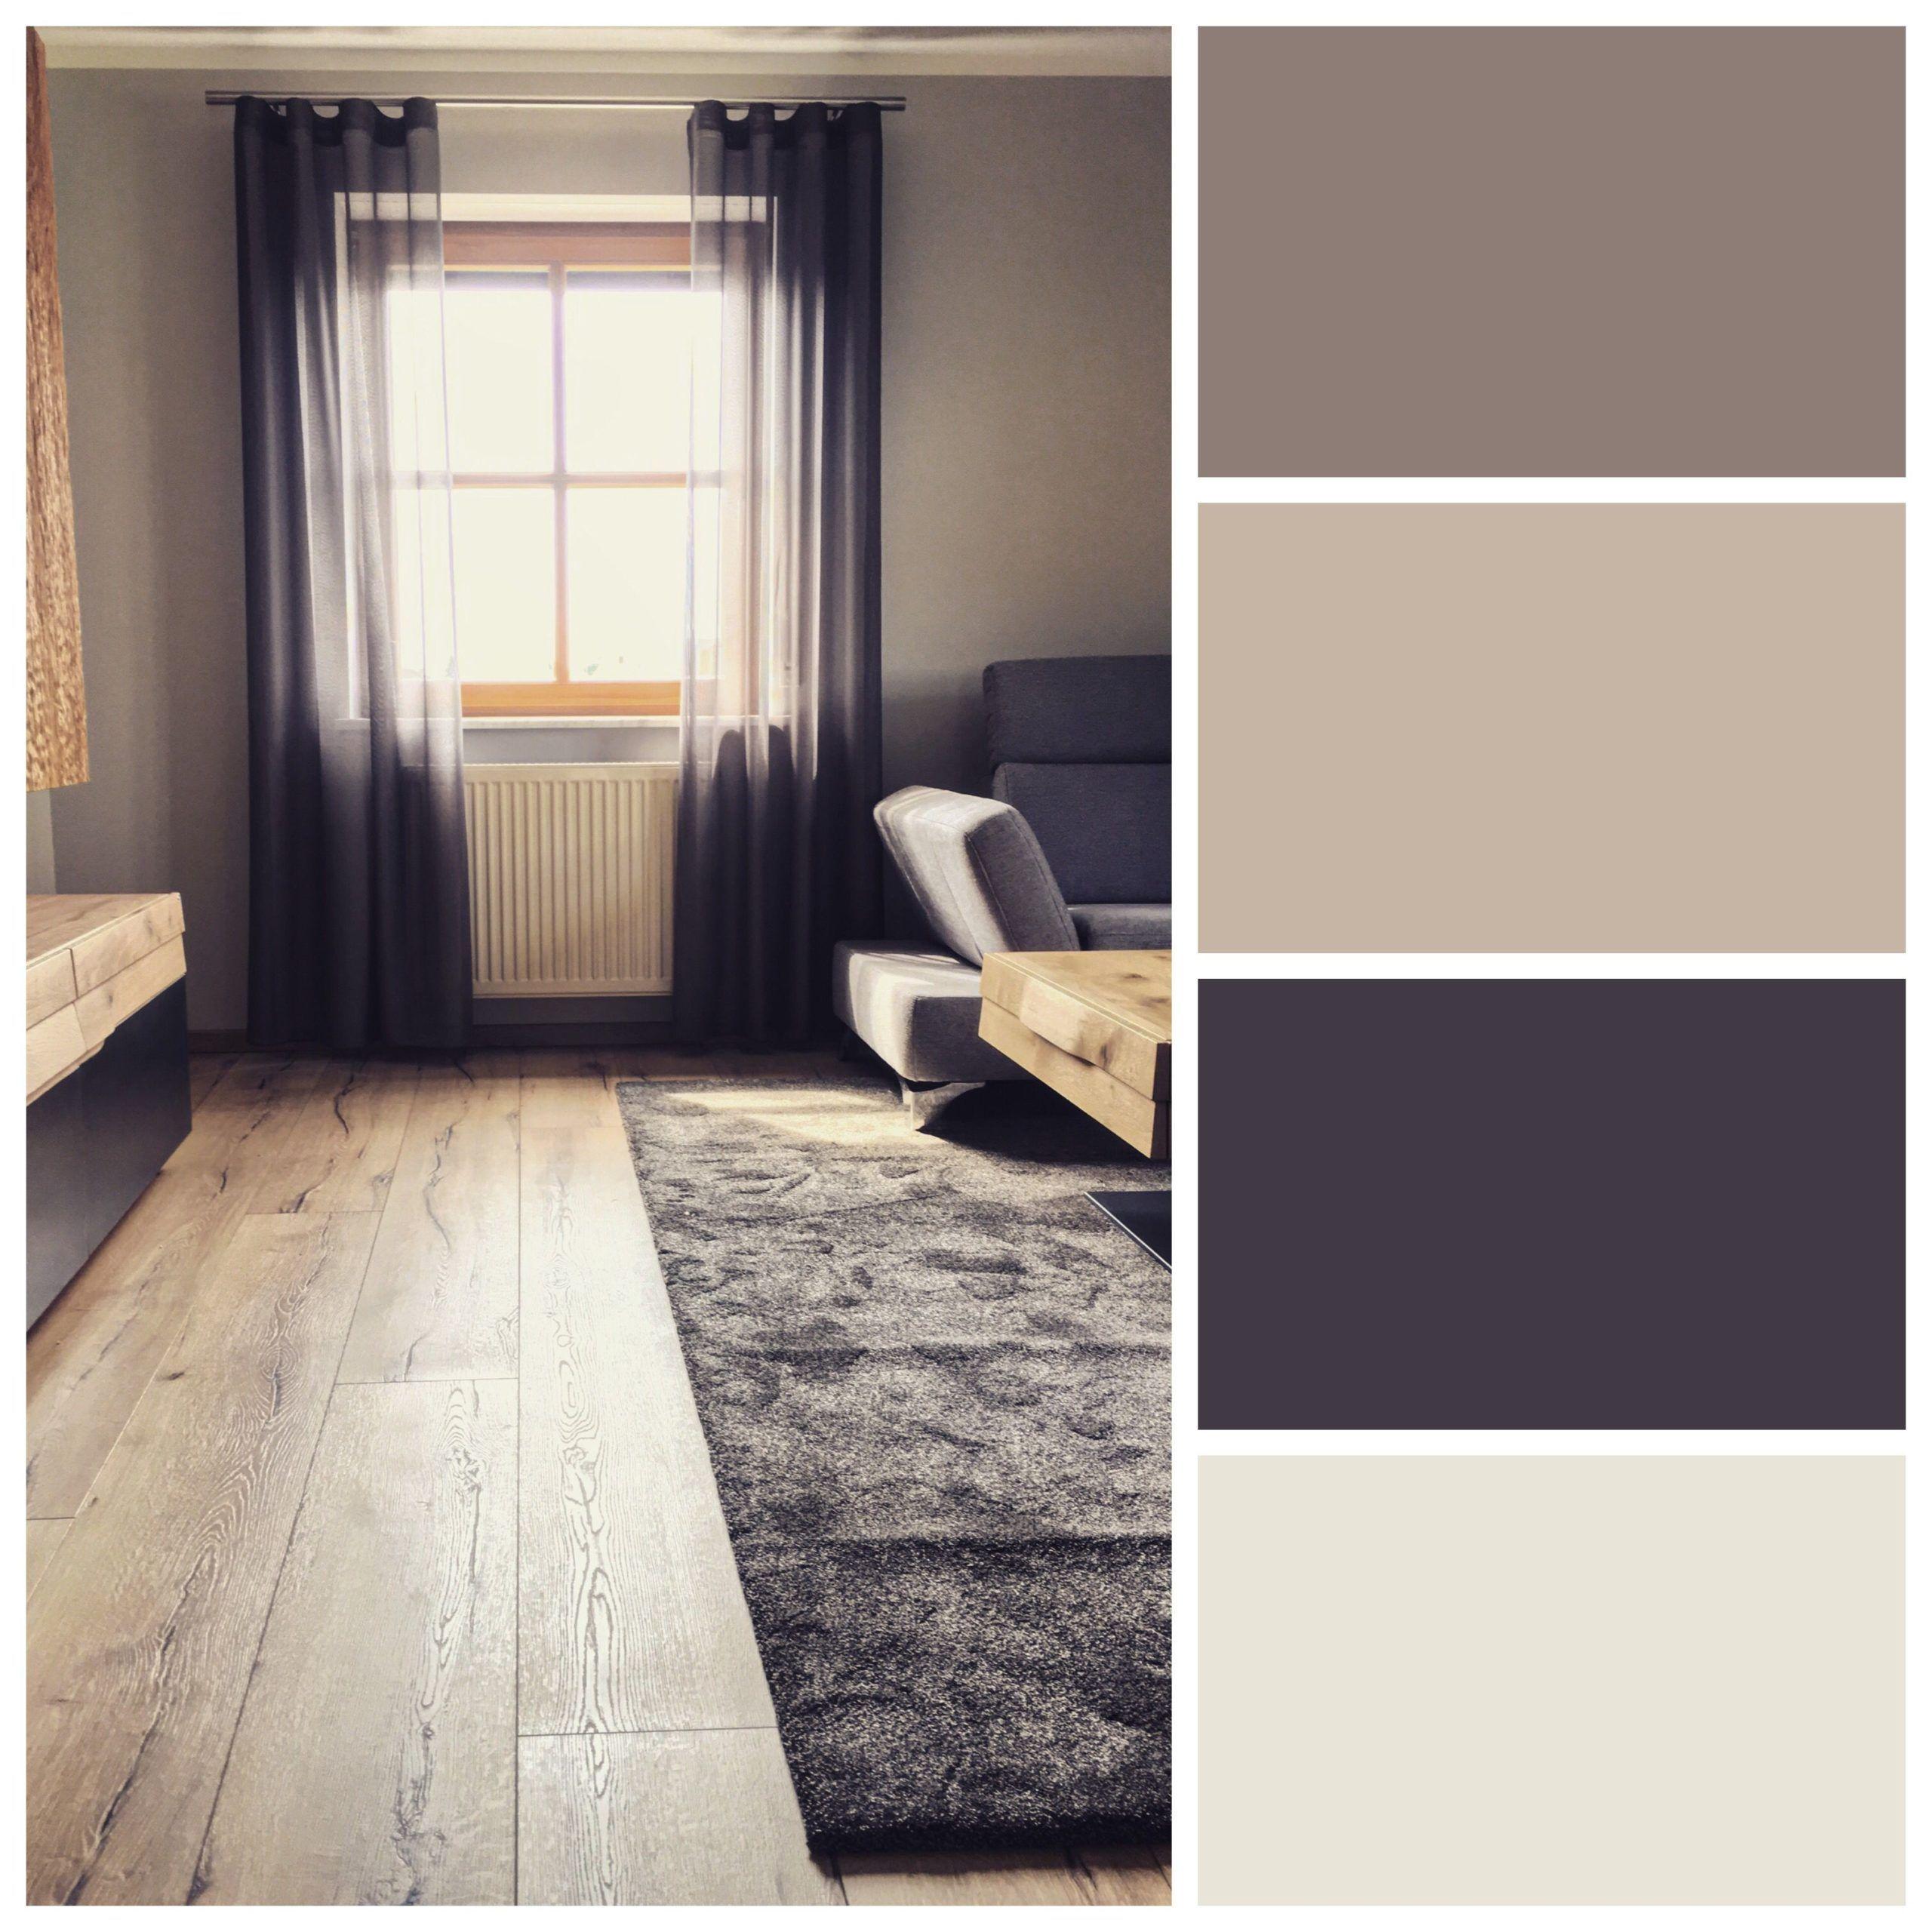 Moderne Farben im Wohnzimmer  Wohnzimmer modern, Farbgestaltung